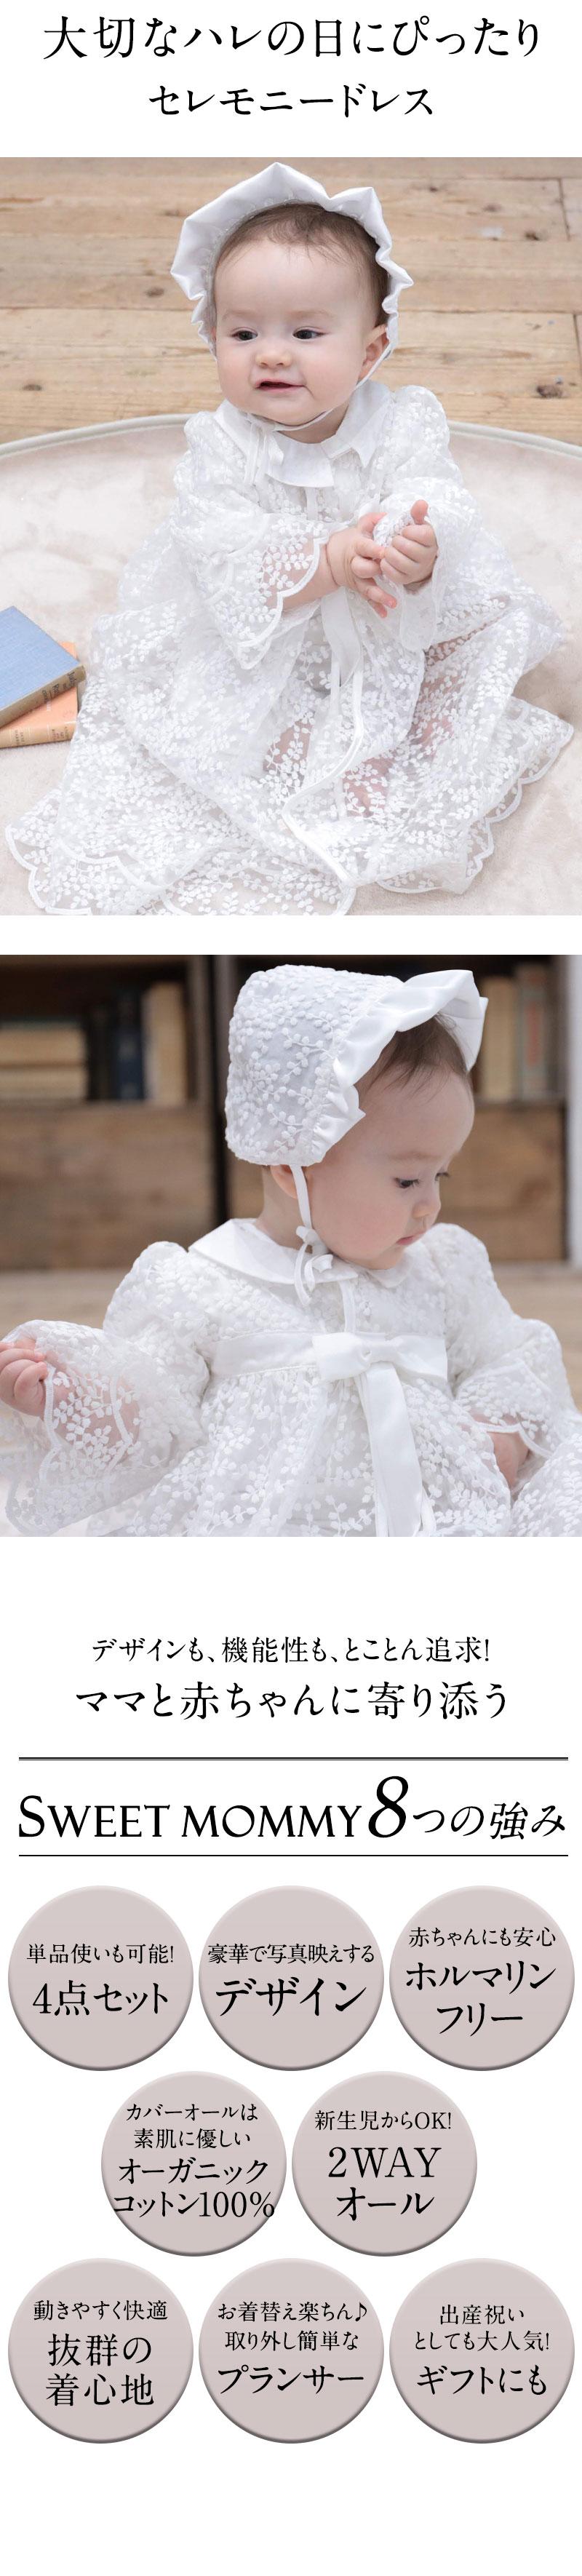 記憶に残るハレの日は、可愛いベビードレスがおすすめ